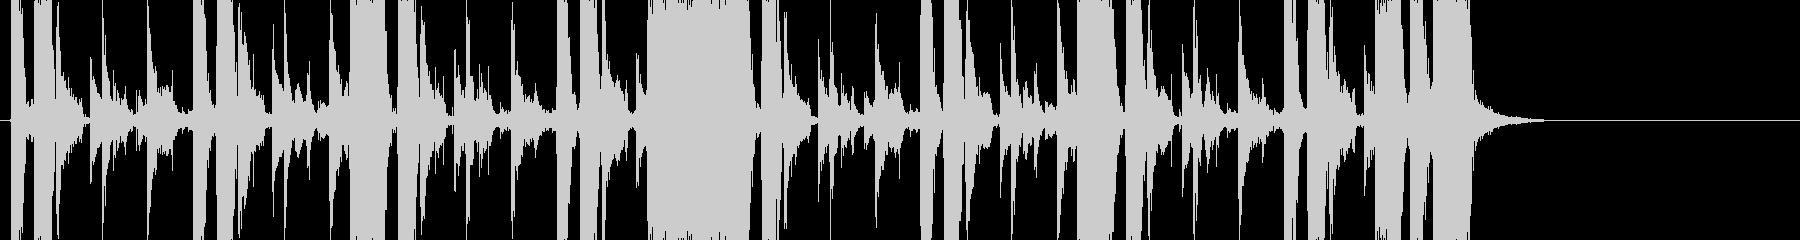 ファンク系のBGMの未再生の波形